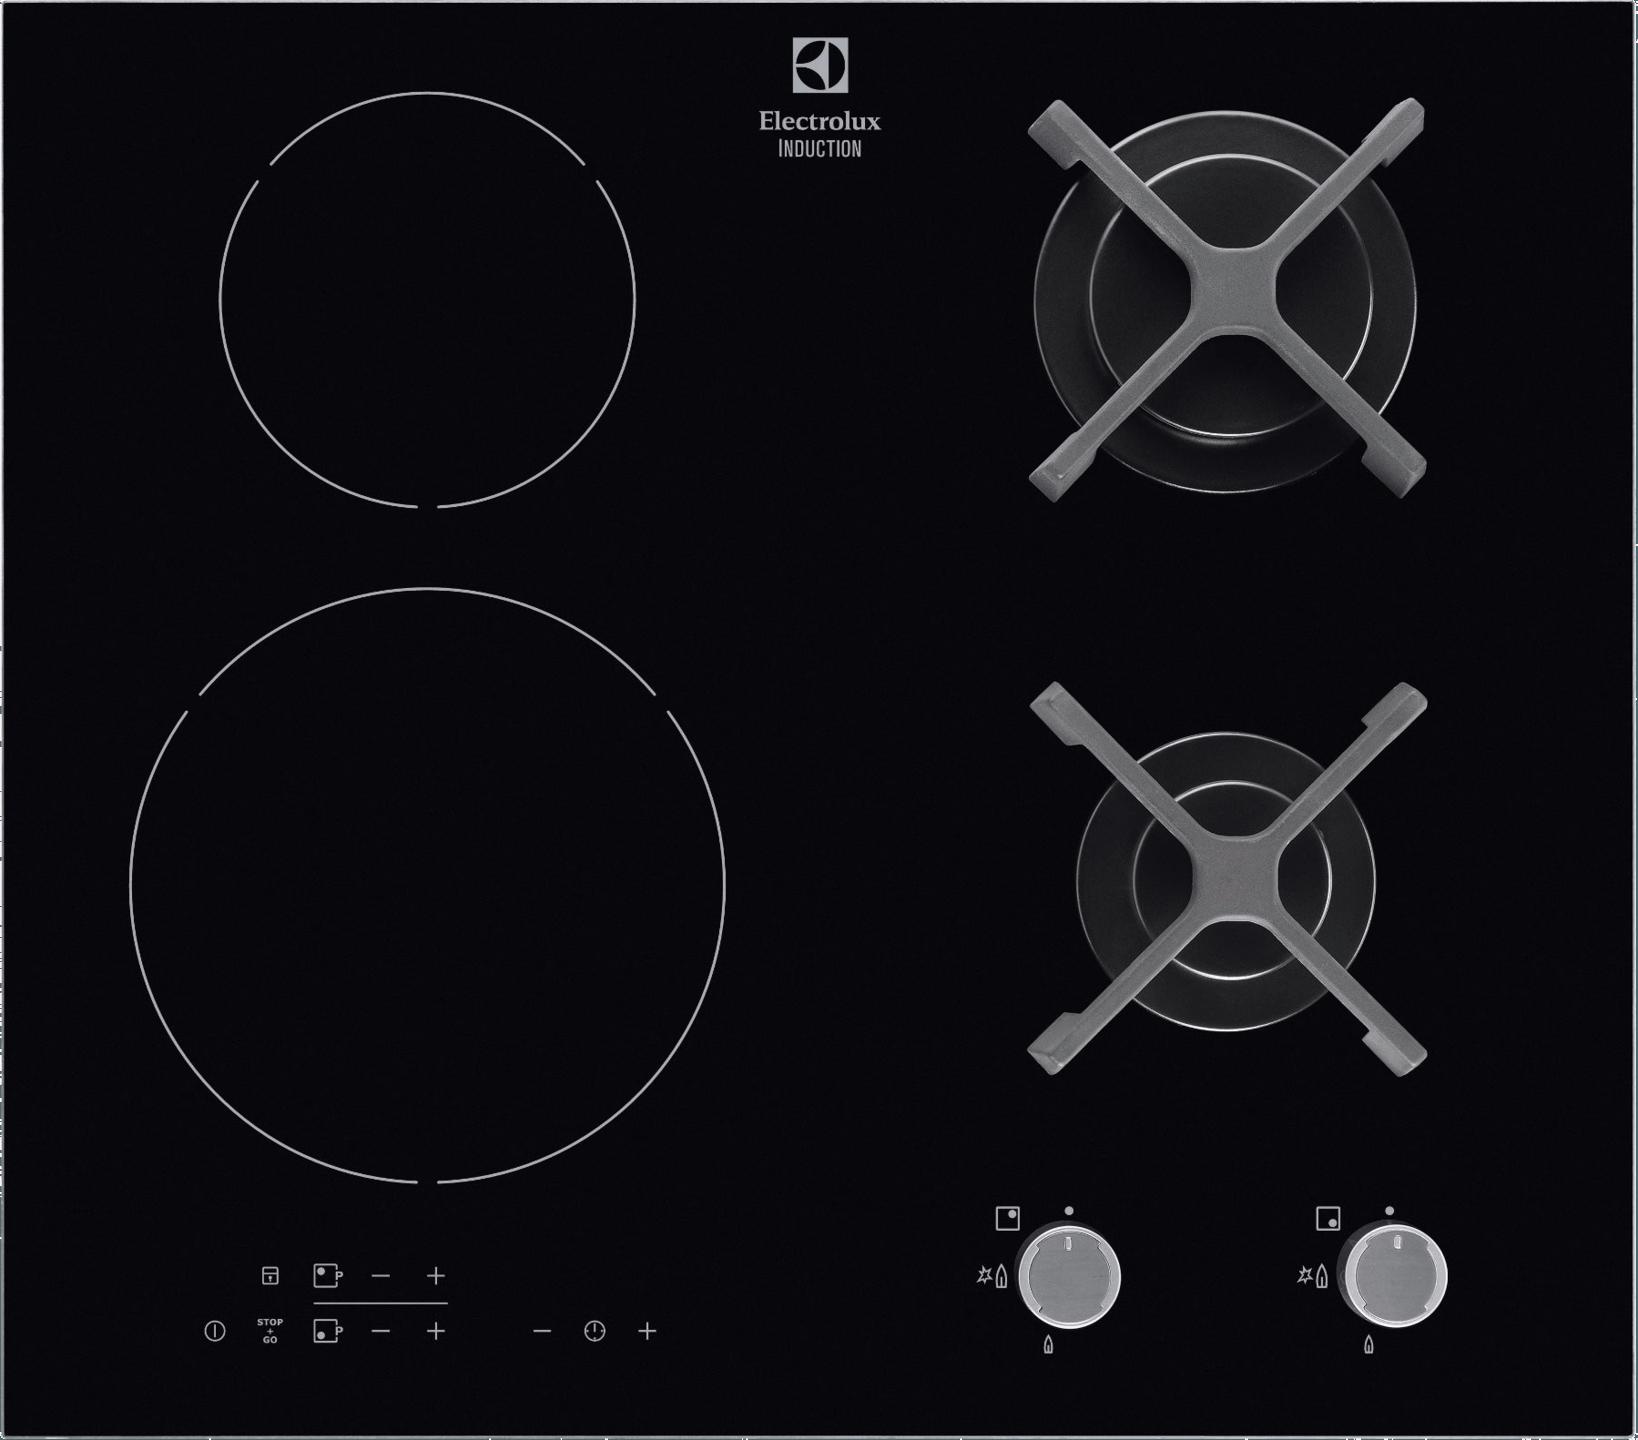 вид индукционной плиты